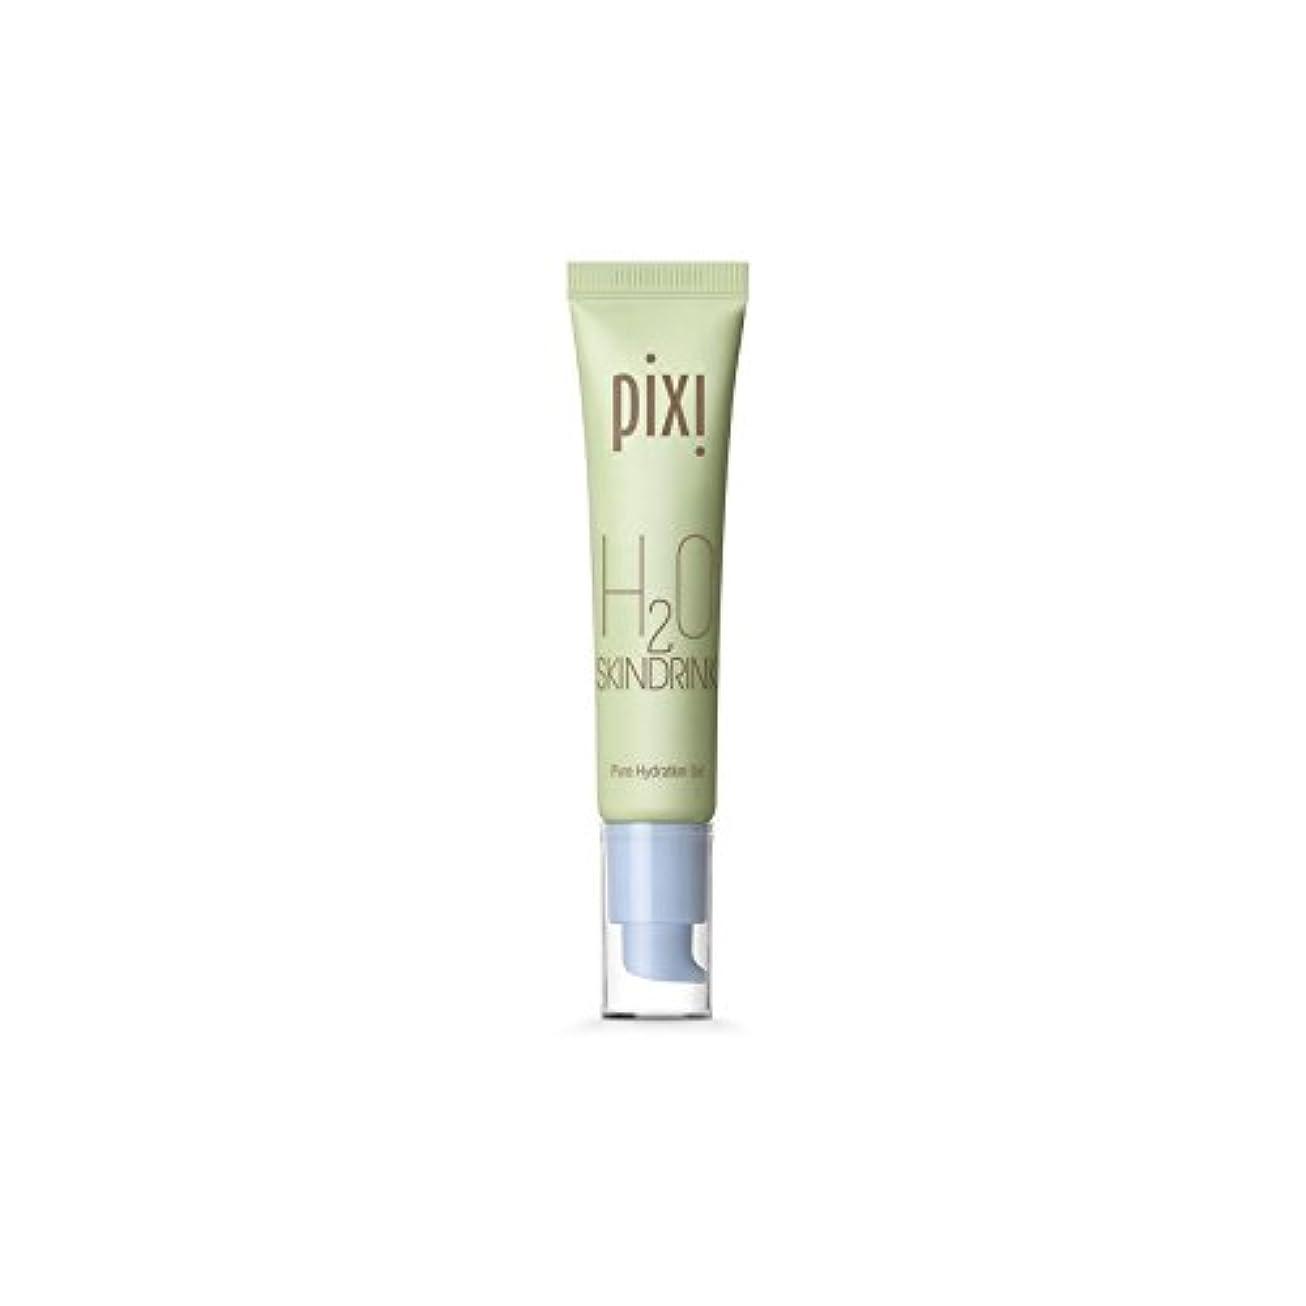 経験取得するグラスPixi H20 Skin Drink - 20スキンドリンク [並行輸入品]